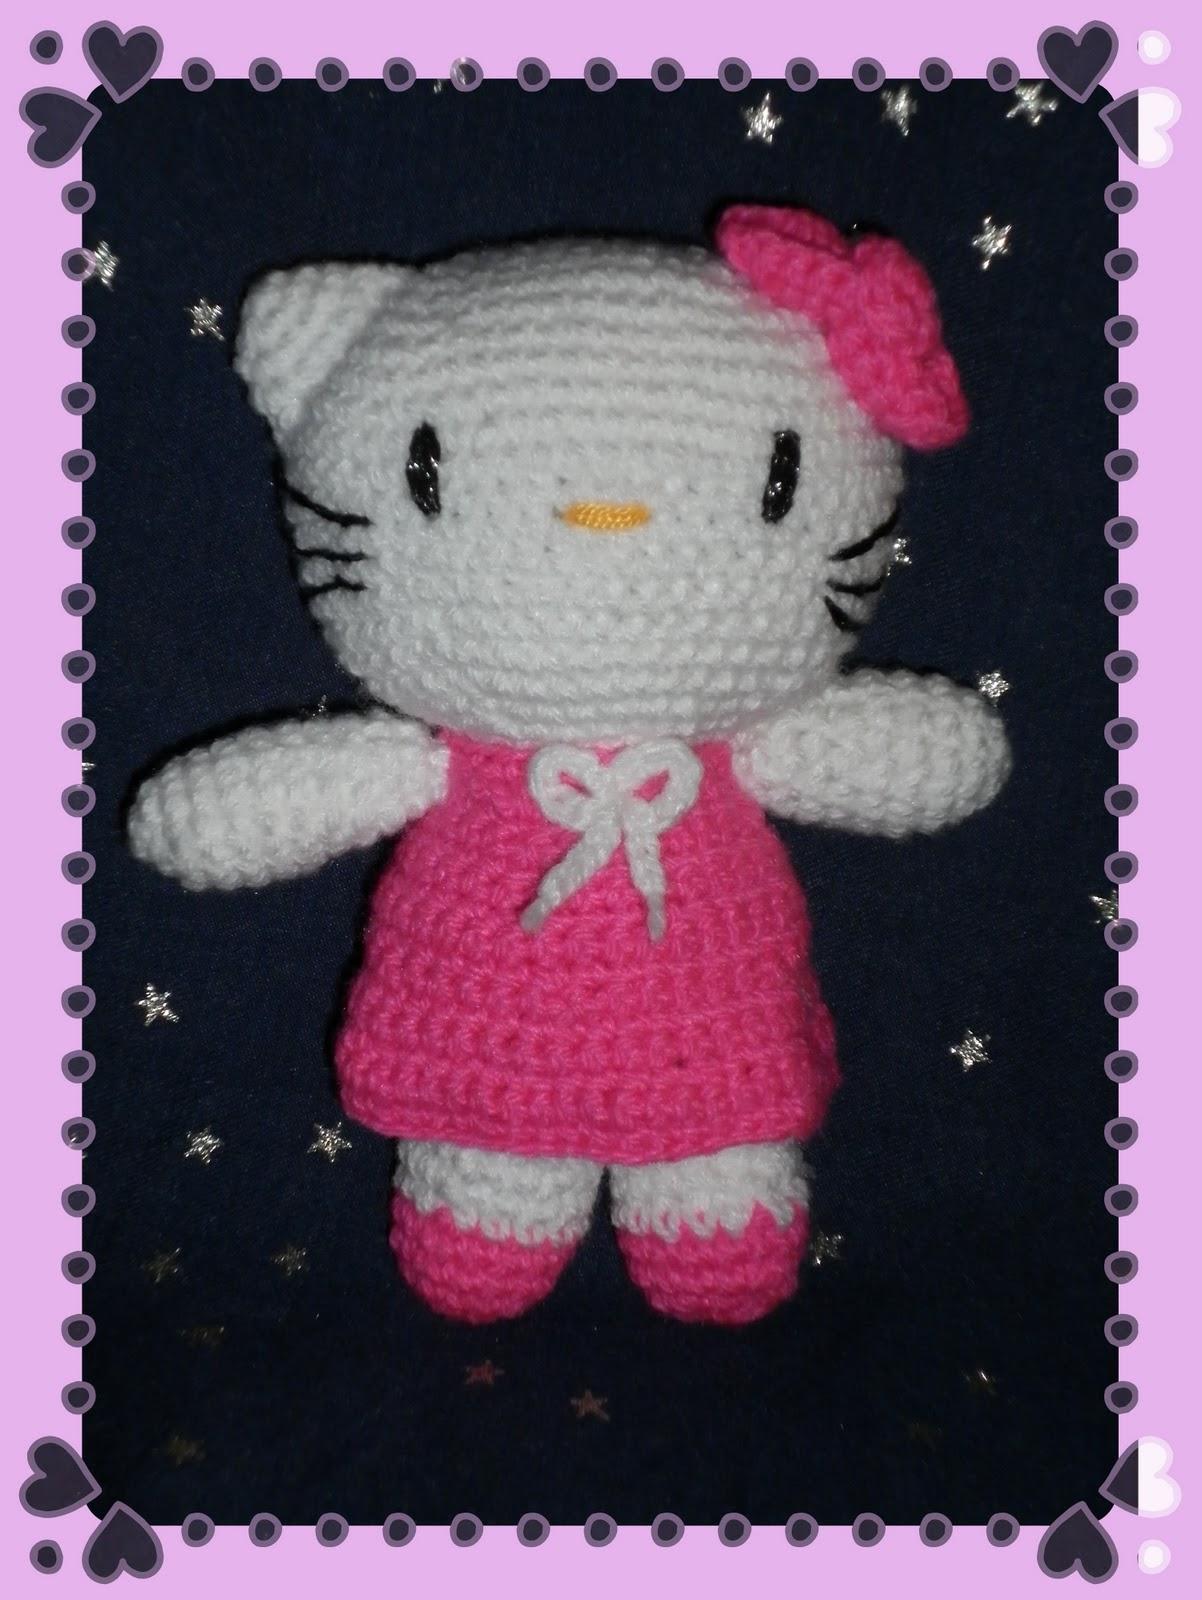 Amigurumi Kitty Patron : Amigurumis kawai: Hello Kitty Amigurumi con Patron